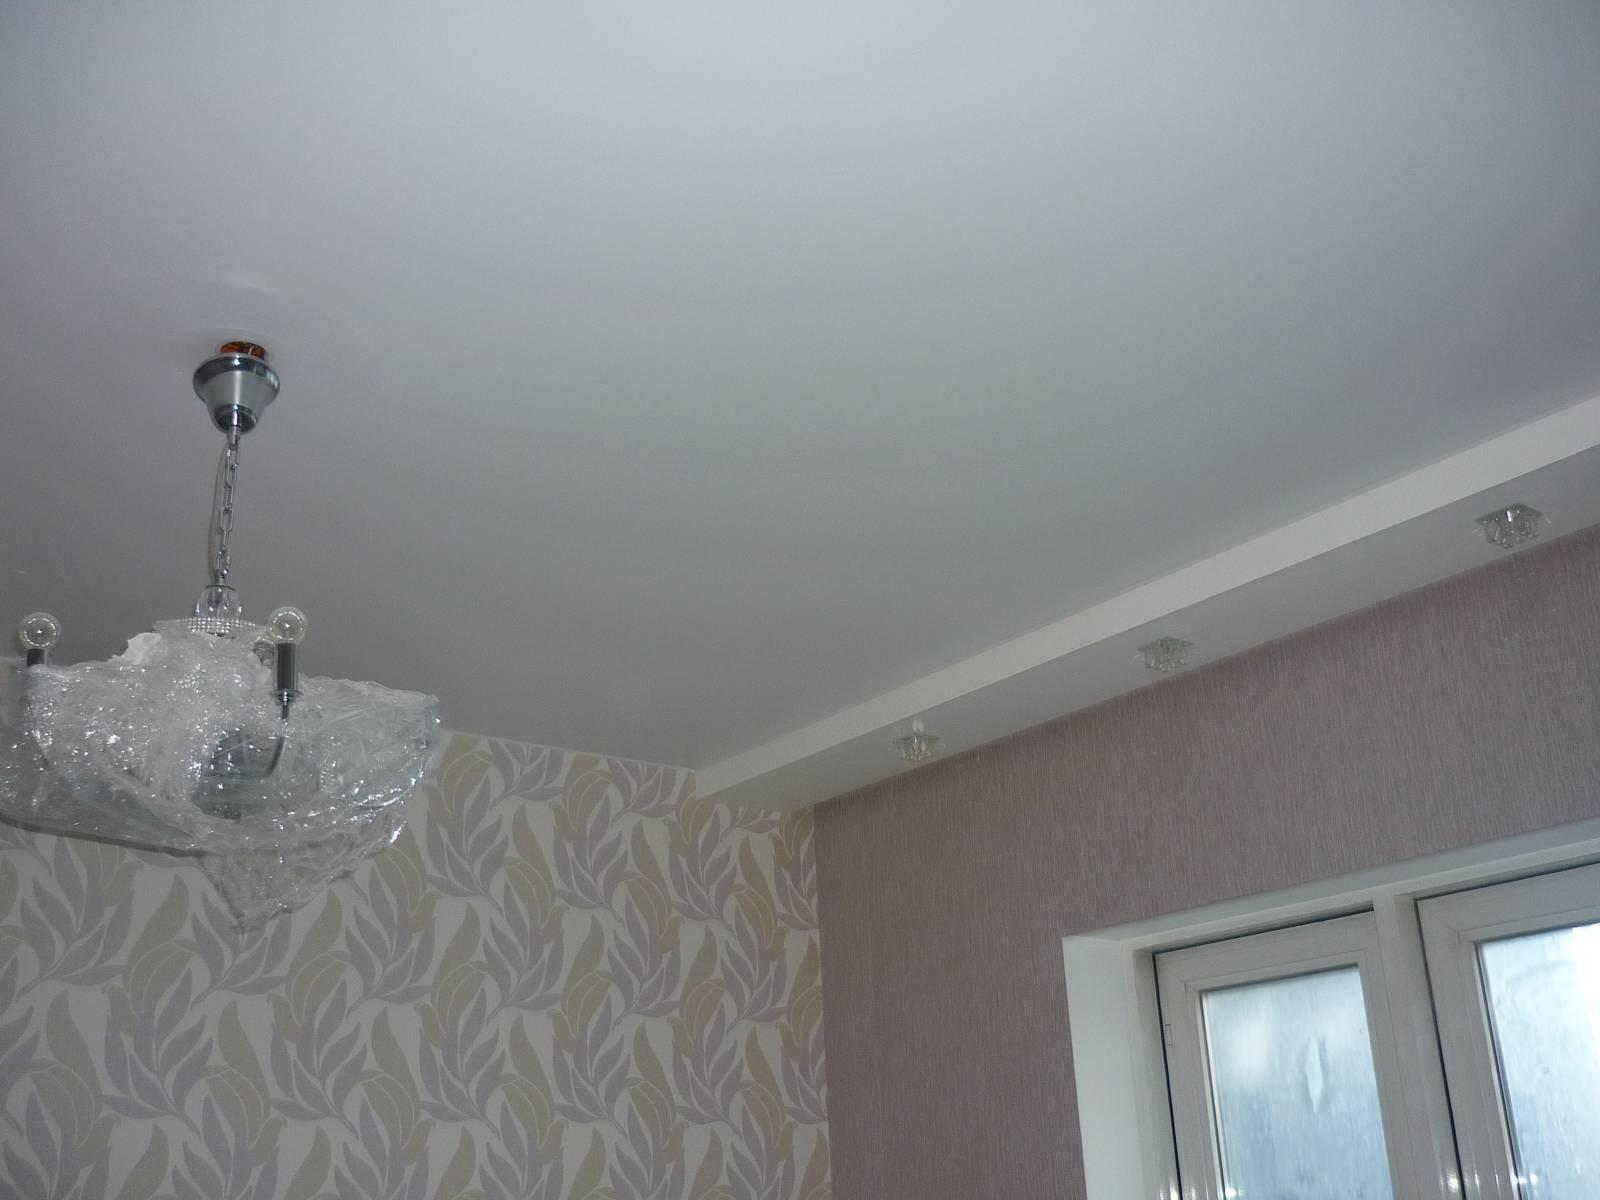 Натяжные потолки матовые цена за 1м2 с установкой